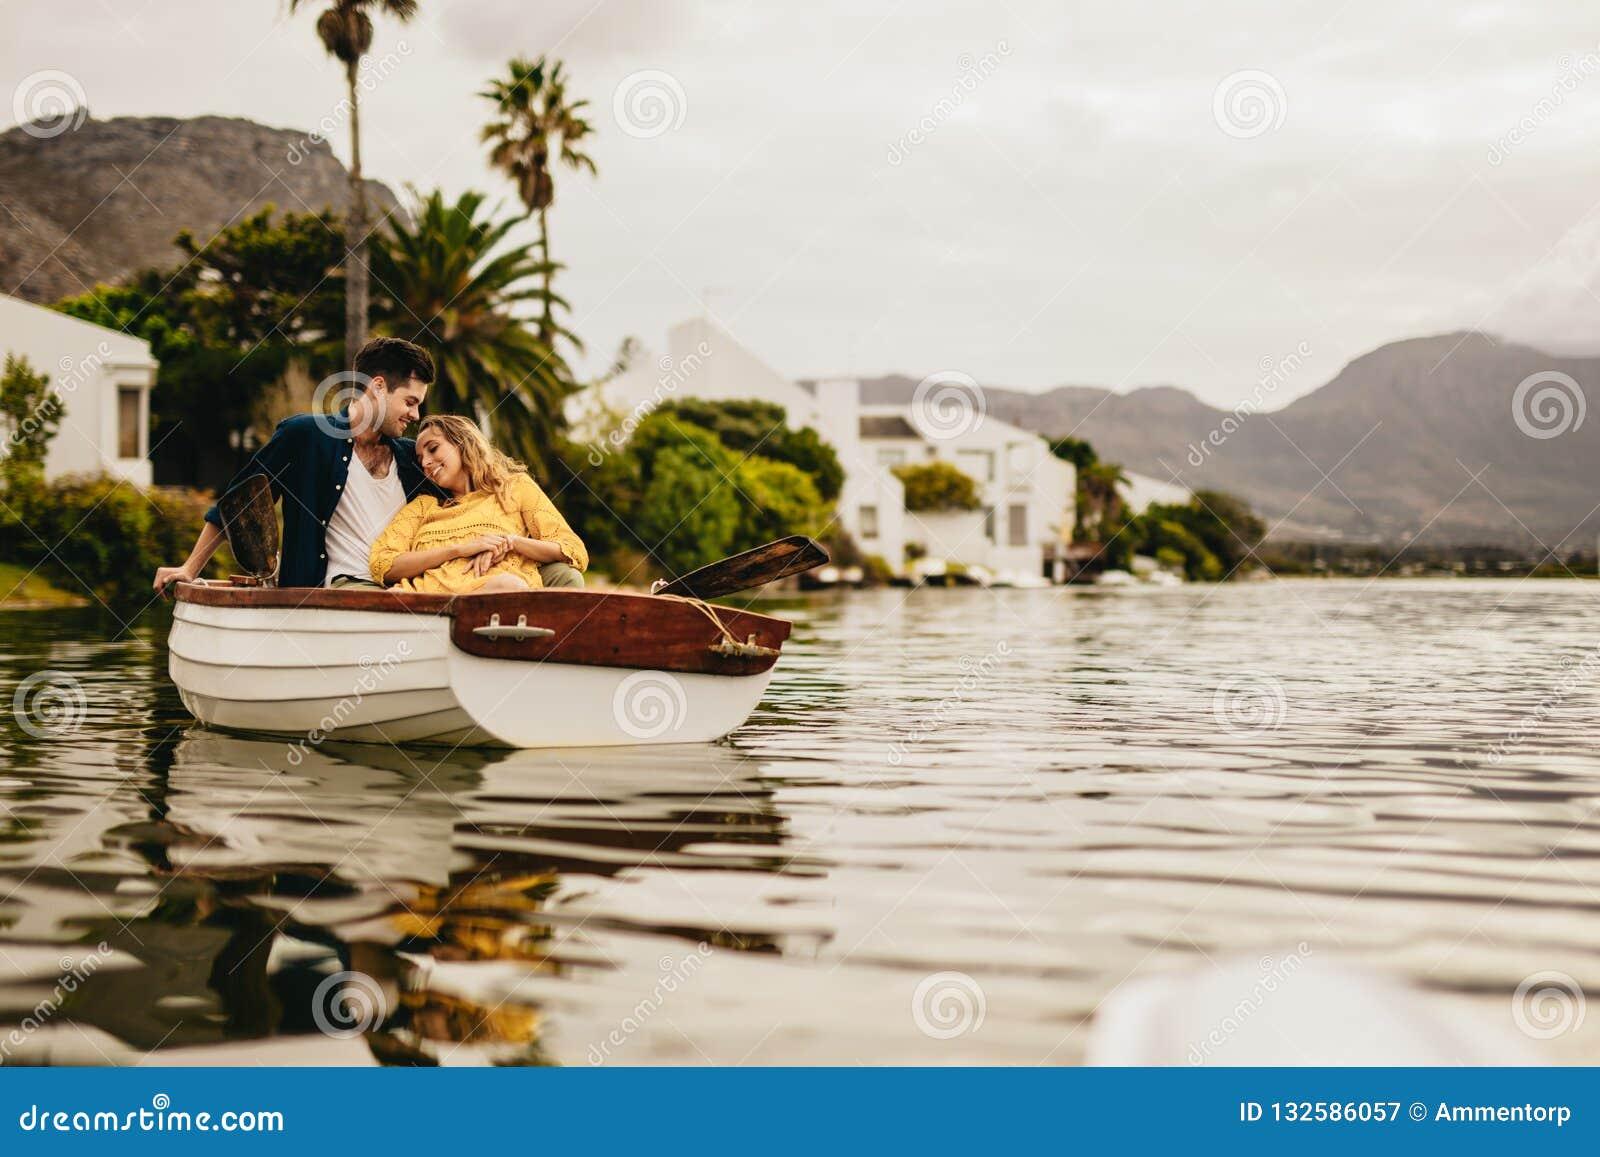 Lady Lake dating